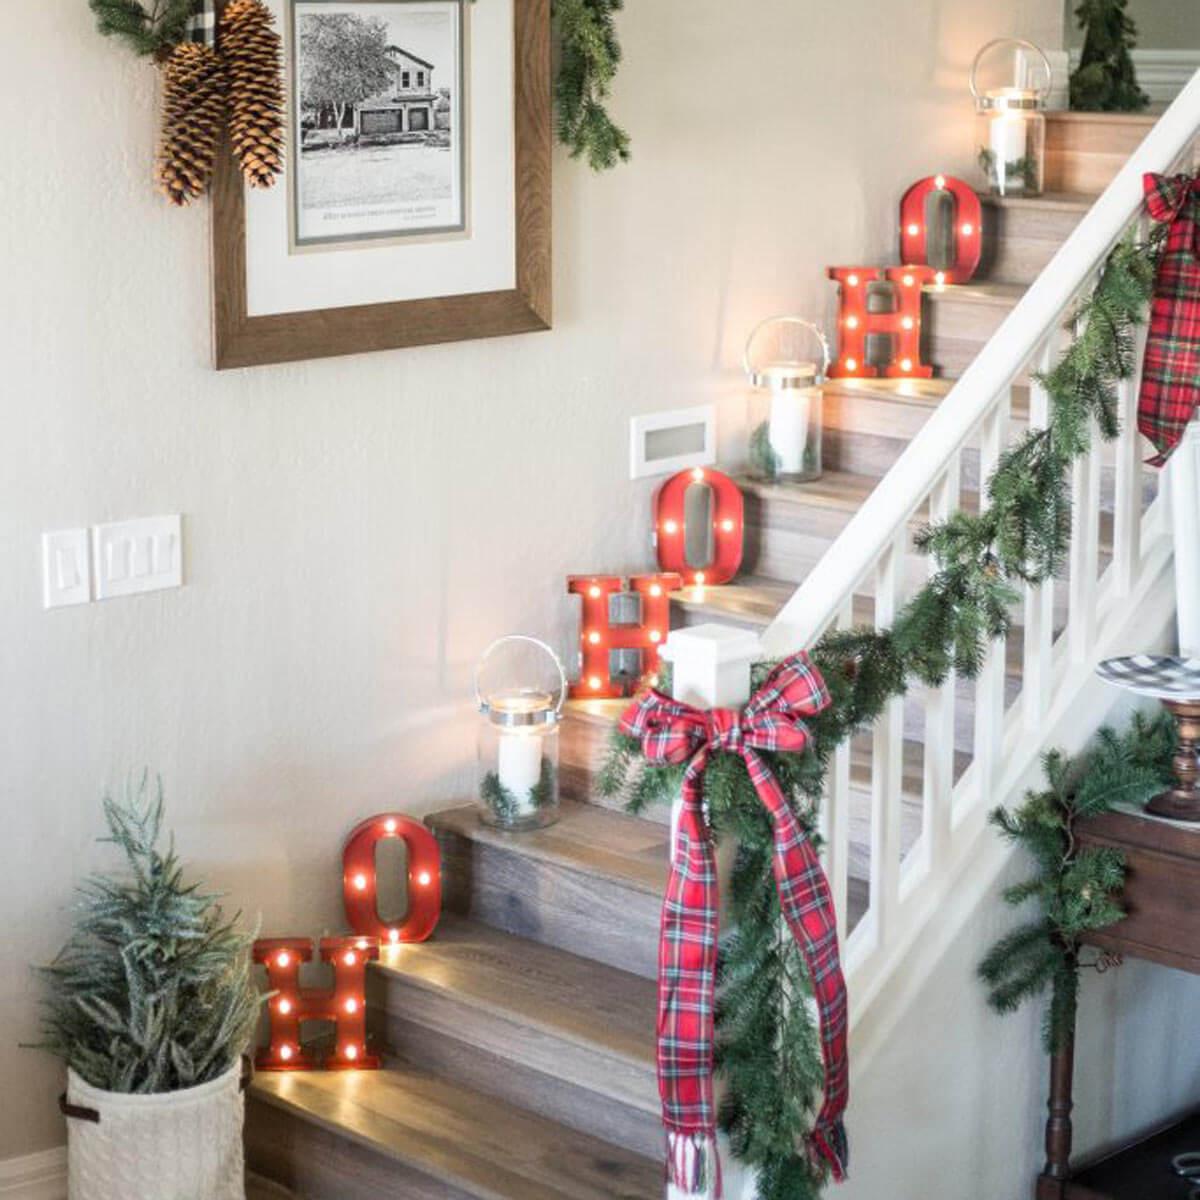 Utilisez les lumières de Noël pour décorer votre escalier.